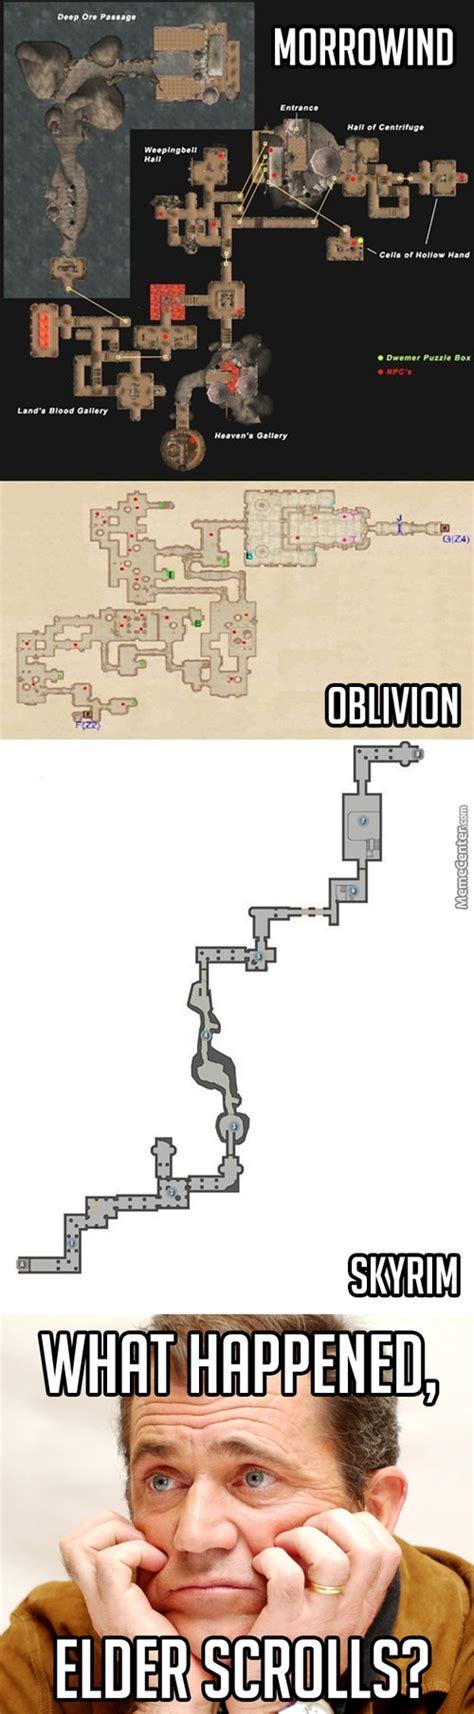 Elder Scrolls Memes - elder scrolls memes best collection of funny elder scrolls pictures